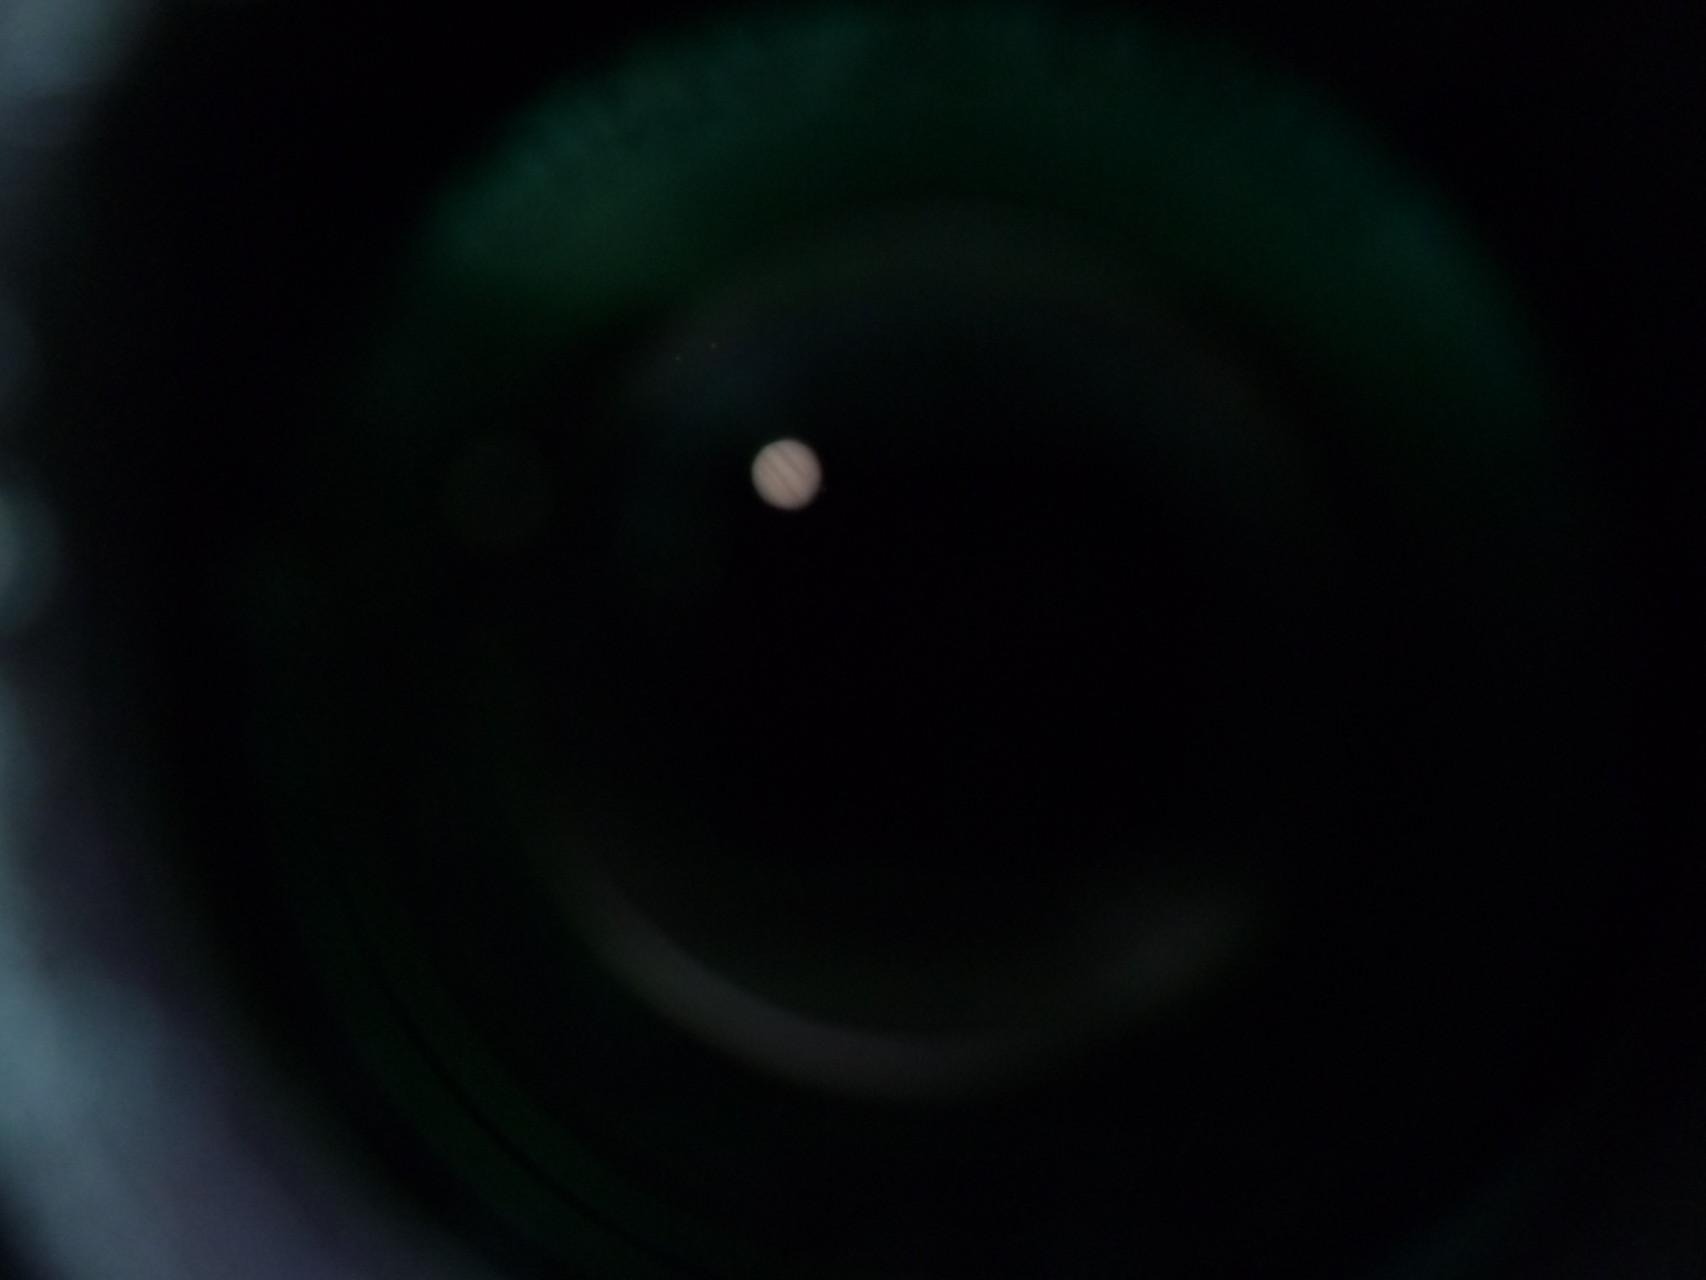 Jupiter prise à main levée avec APN à l'oculaire - 13 février 2013